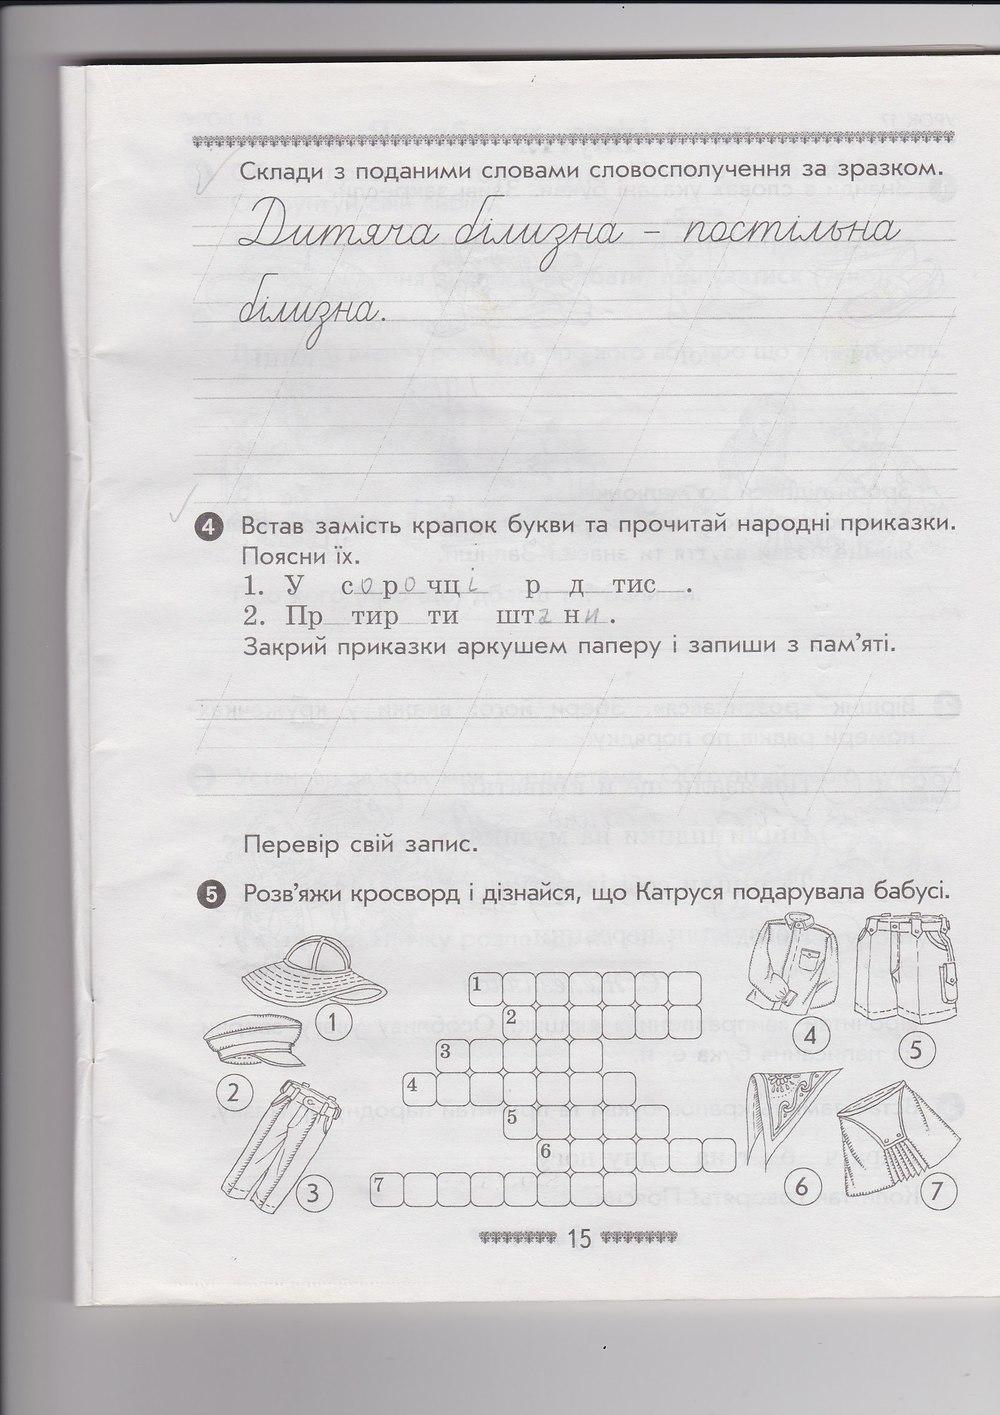 ГДЗ відповіді робочий зошит по рiдна/укр. мова 2 класс Кобзар О. Г.. Задание: стр. 15